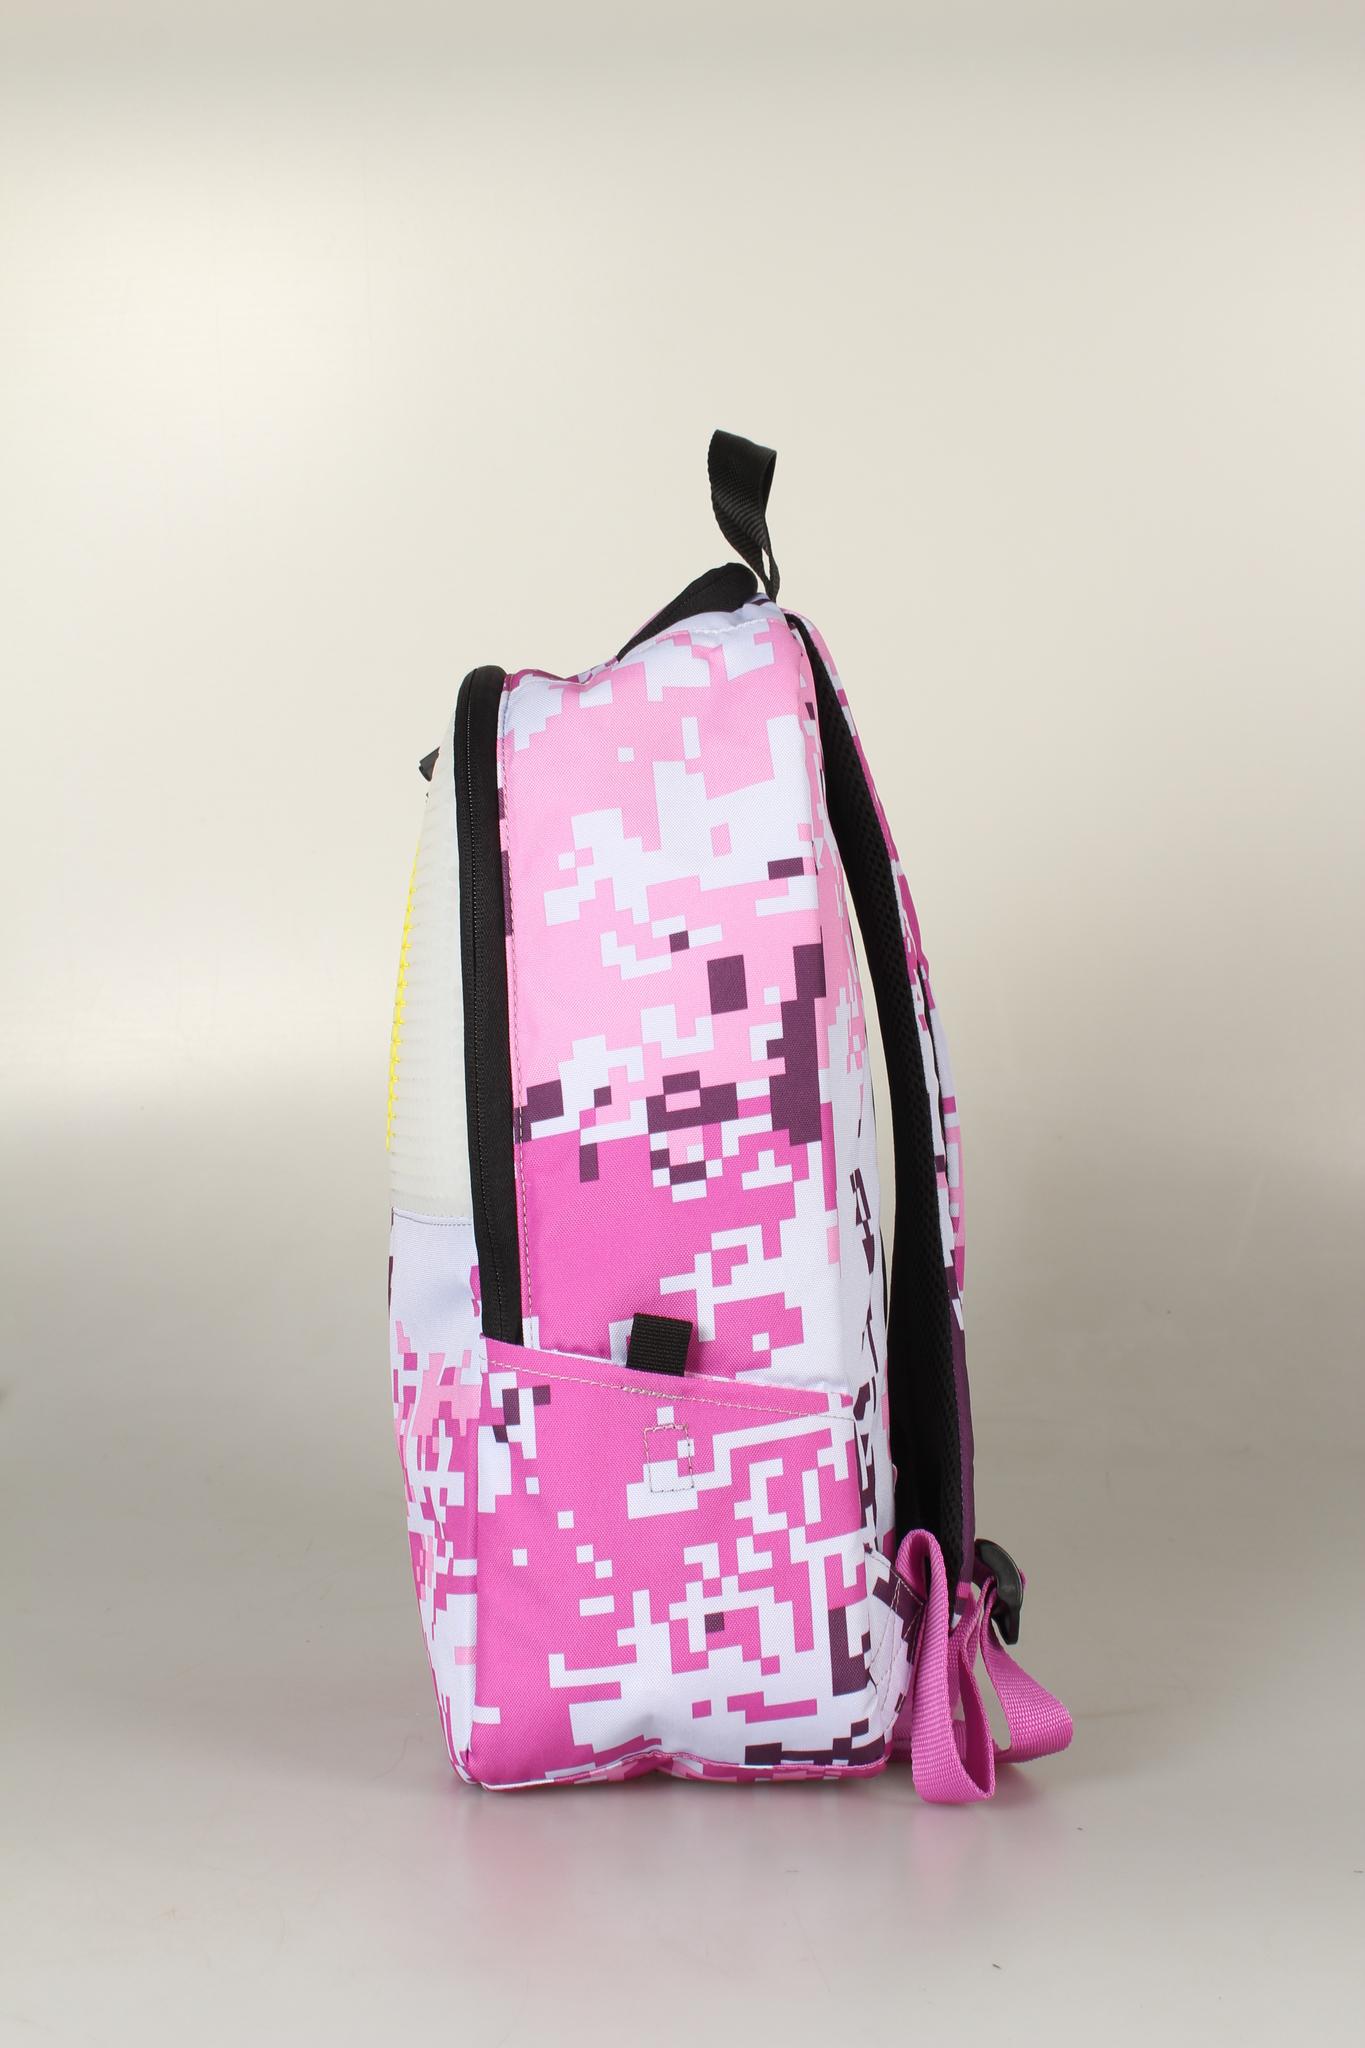 Школьный пиксельный рюкзак Camouflage розовый вид сбоку